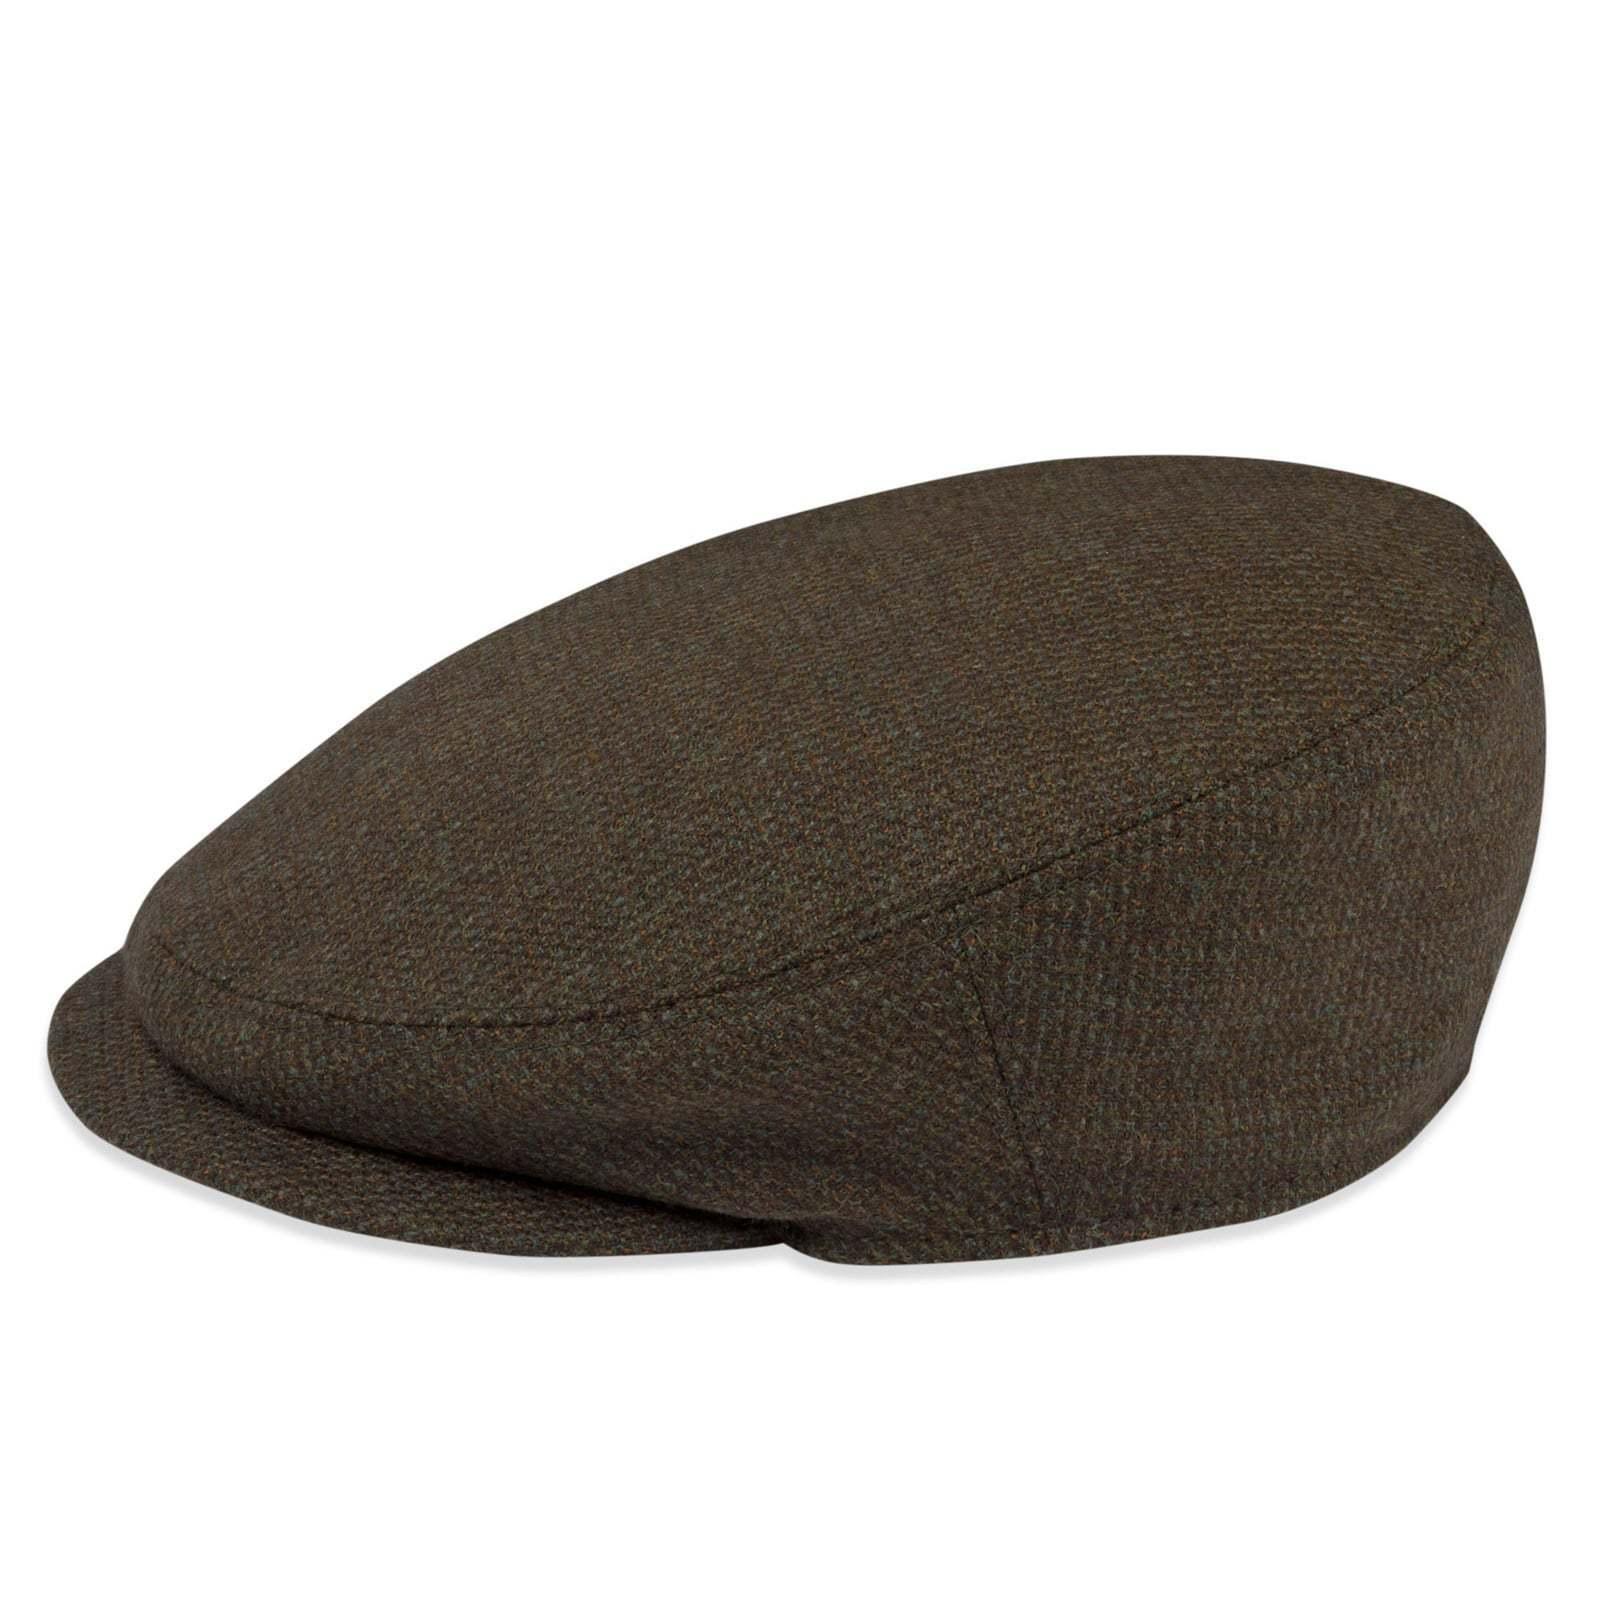 Musto Technical Tweed Cap - Thornbury